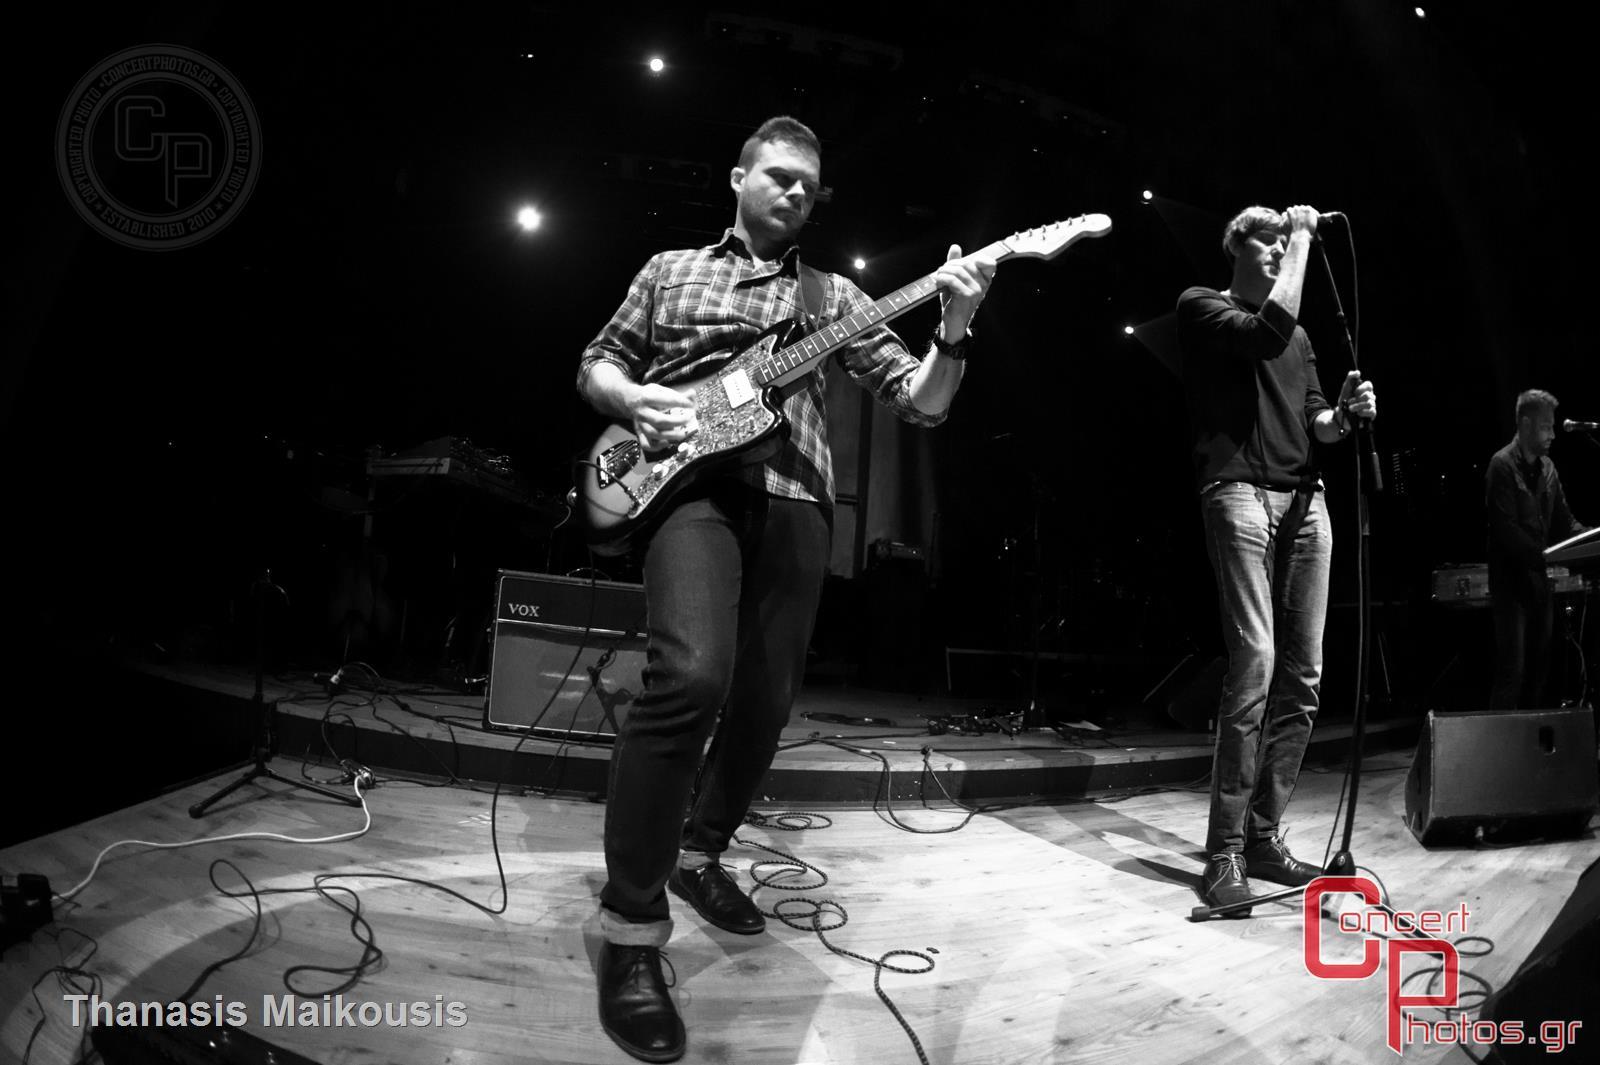 Sebastien Telier & Liebe-Sebastien Telier Liebe photographer: Thanasis Maikousis - concertphotos_20141107_22_34_36